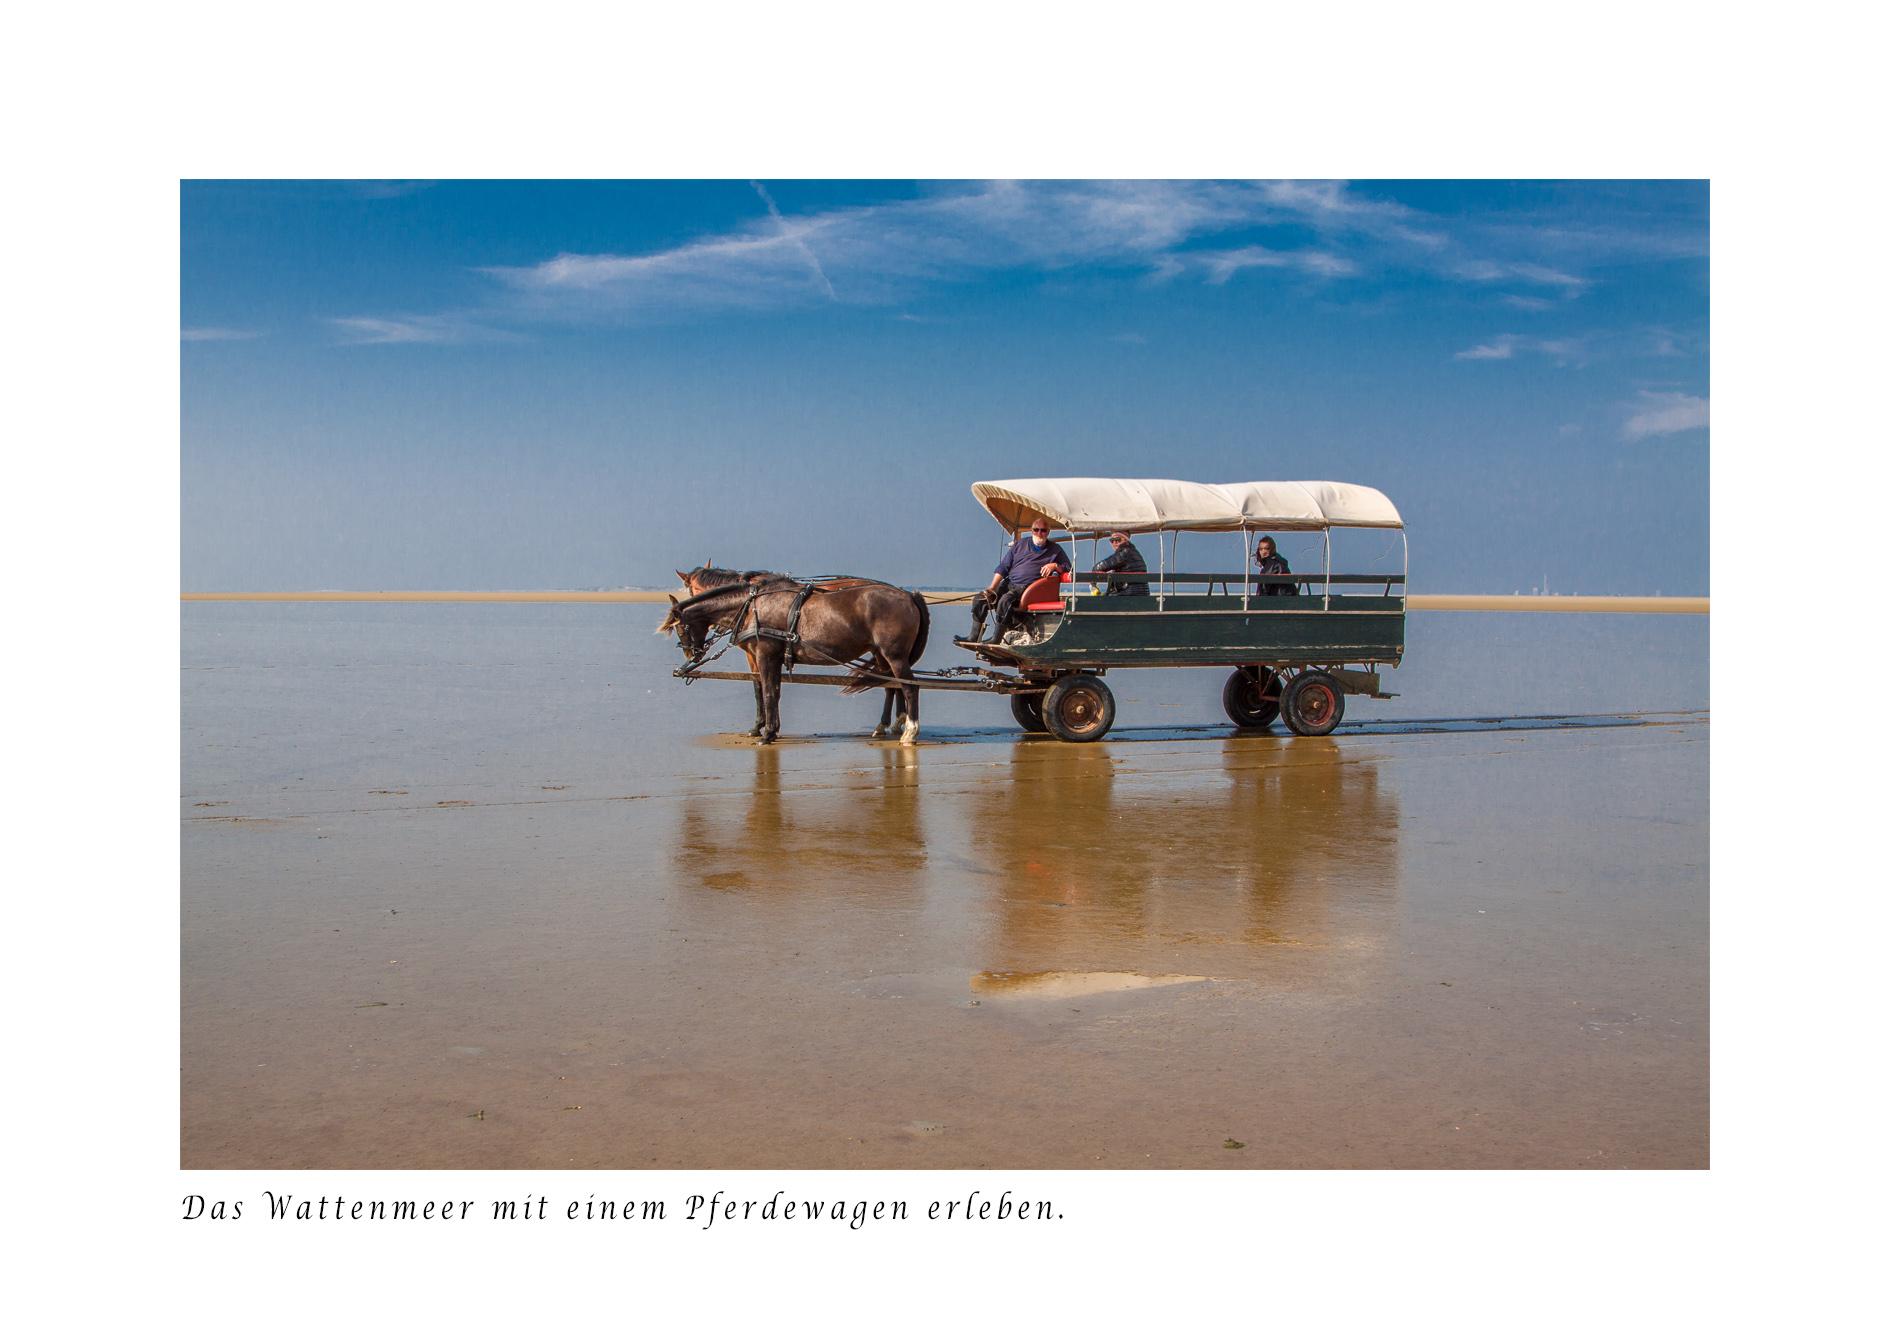 Pferdewagen Wattenmeer